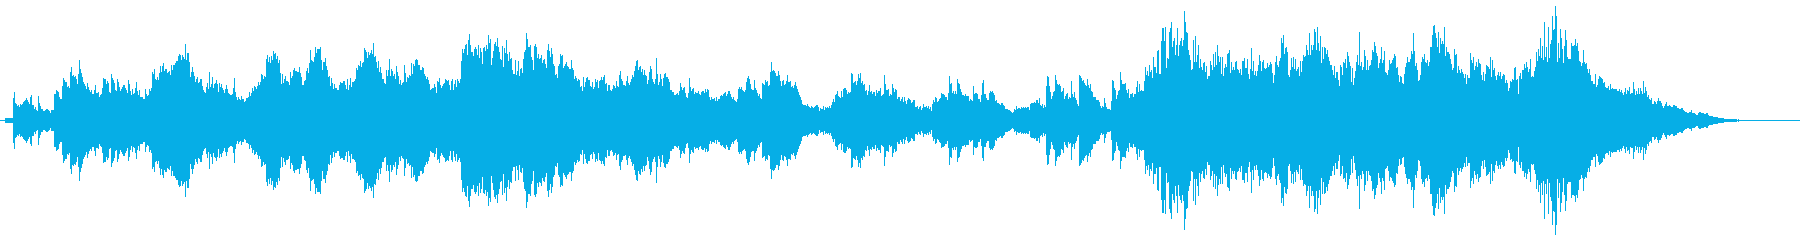 オーケストラの弦とハープに導かれた...の再生済みの波形